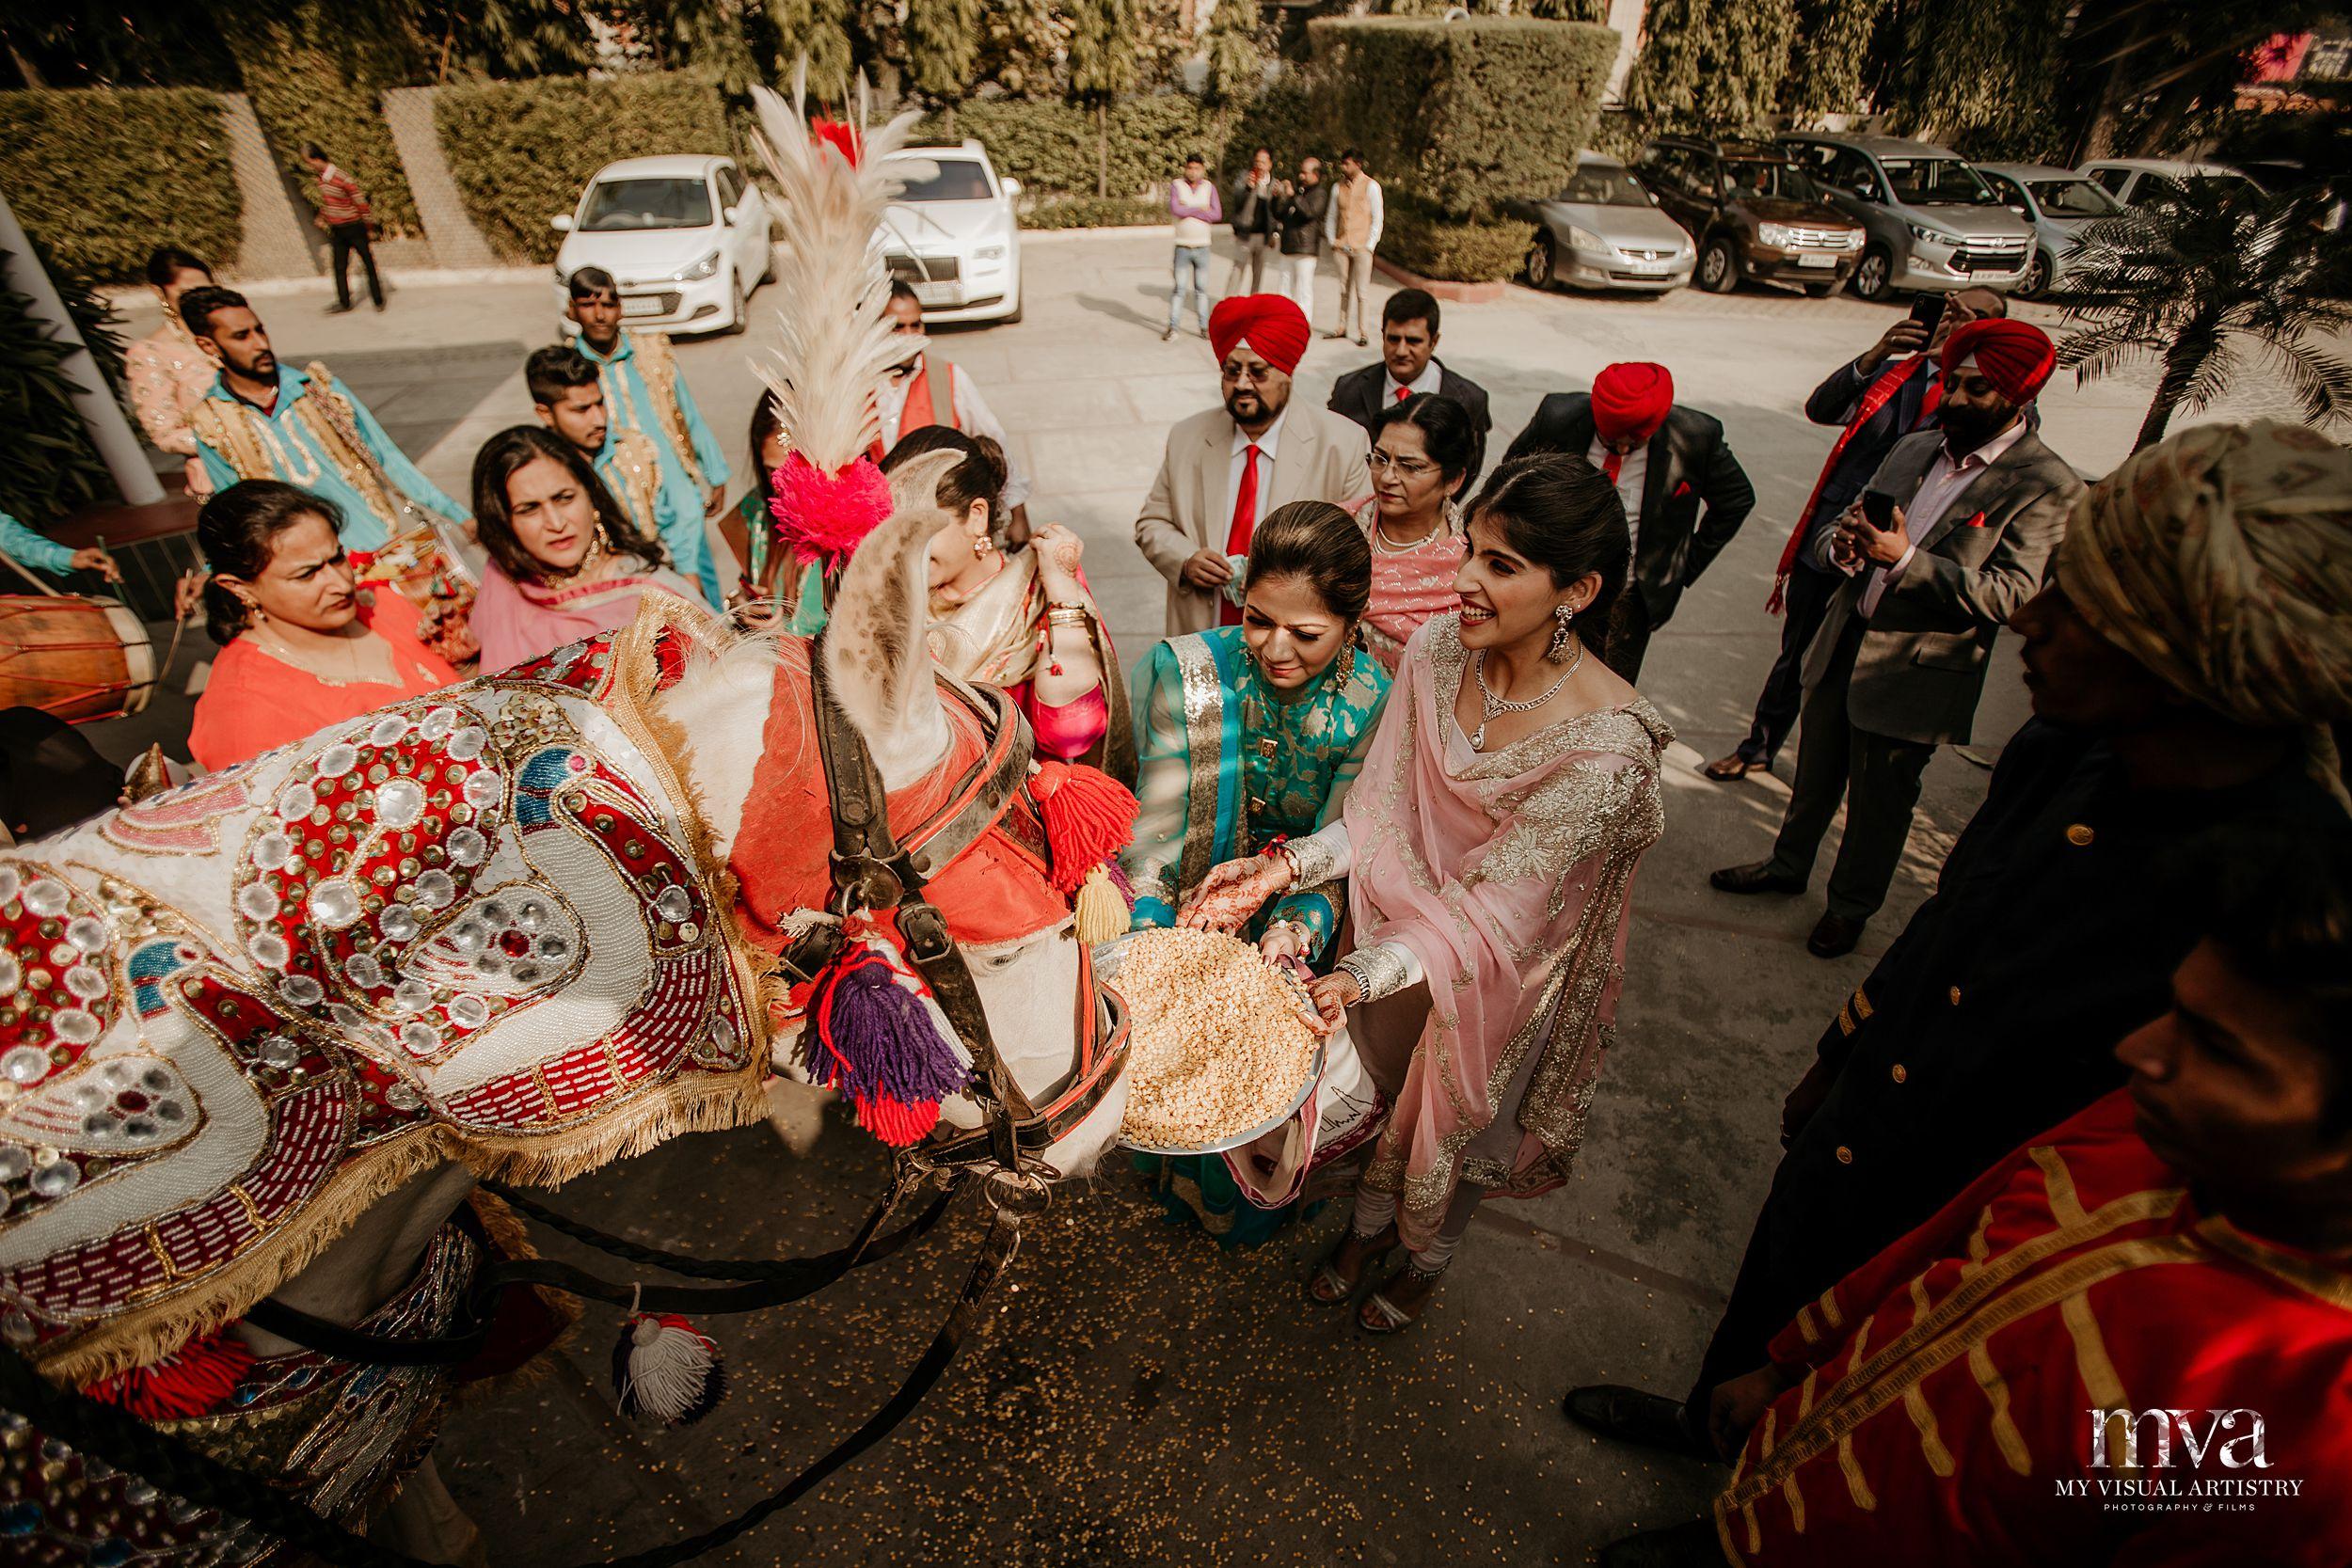 anant_arundhati_myvisualartistry_mva_wedding_sikh_ - 245.jpg